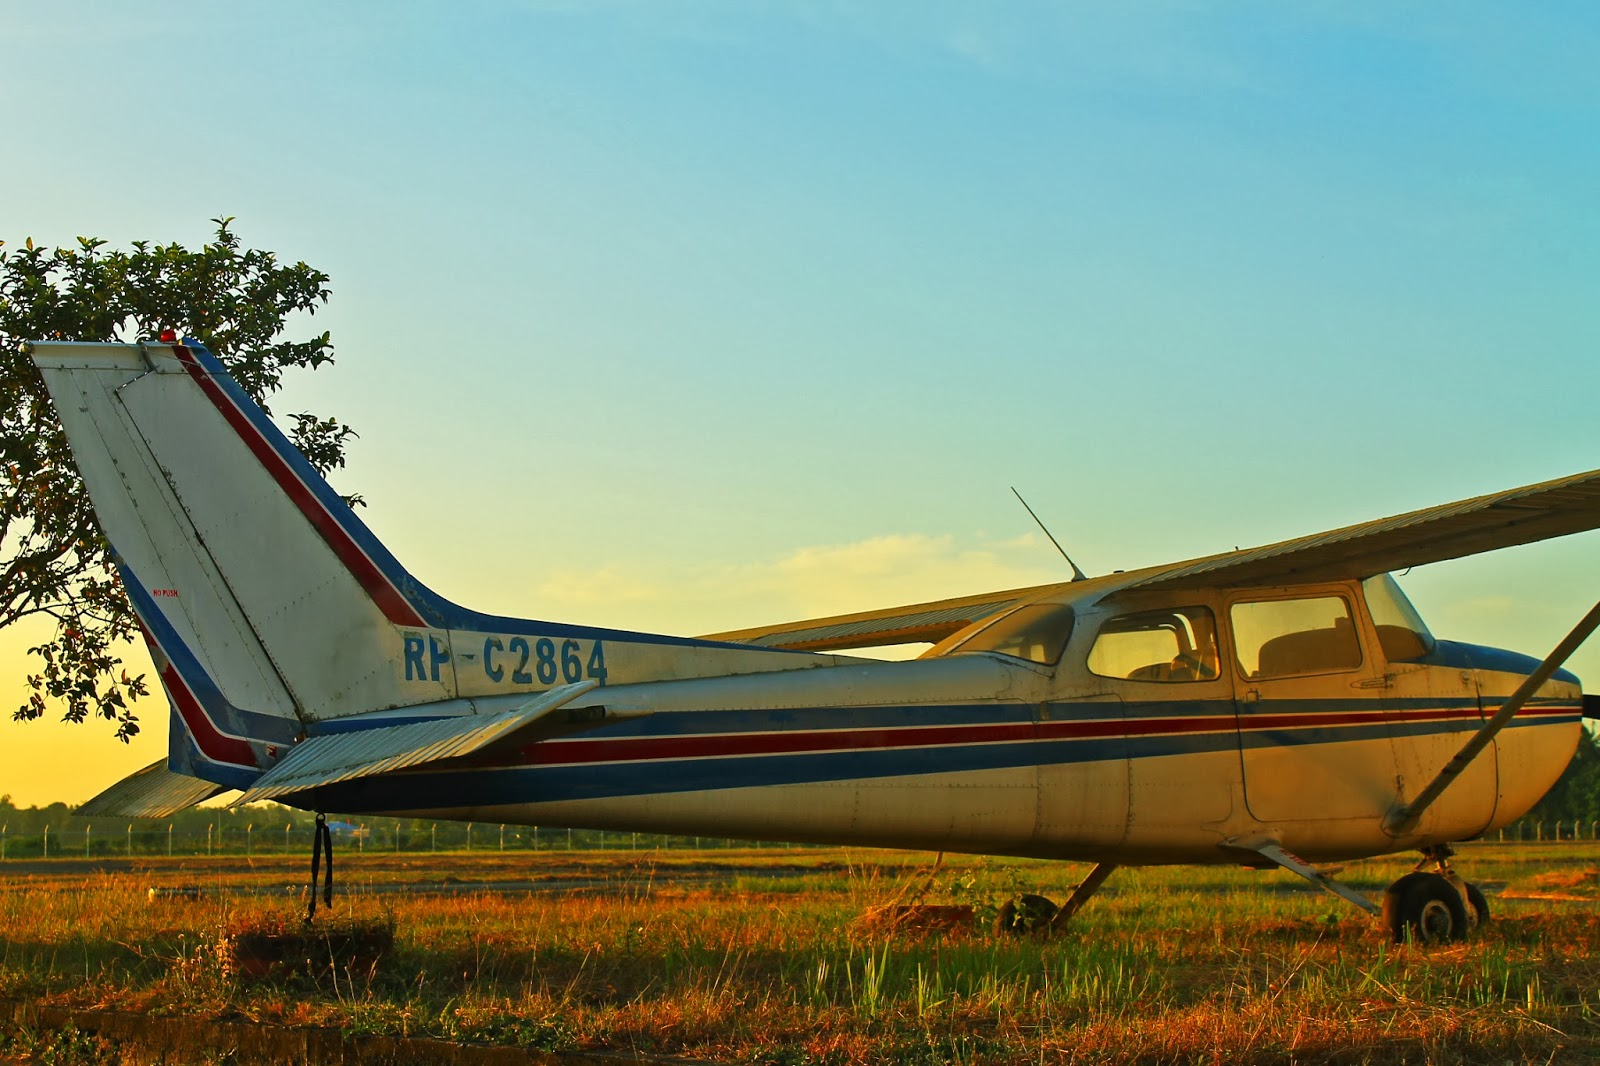 Plaridel Airport